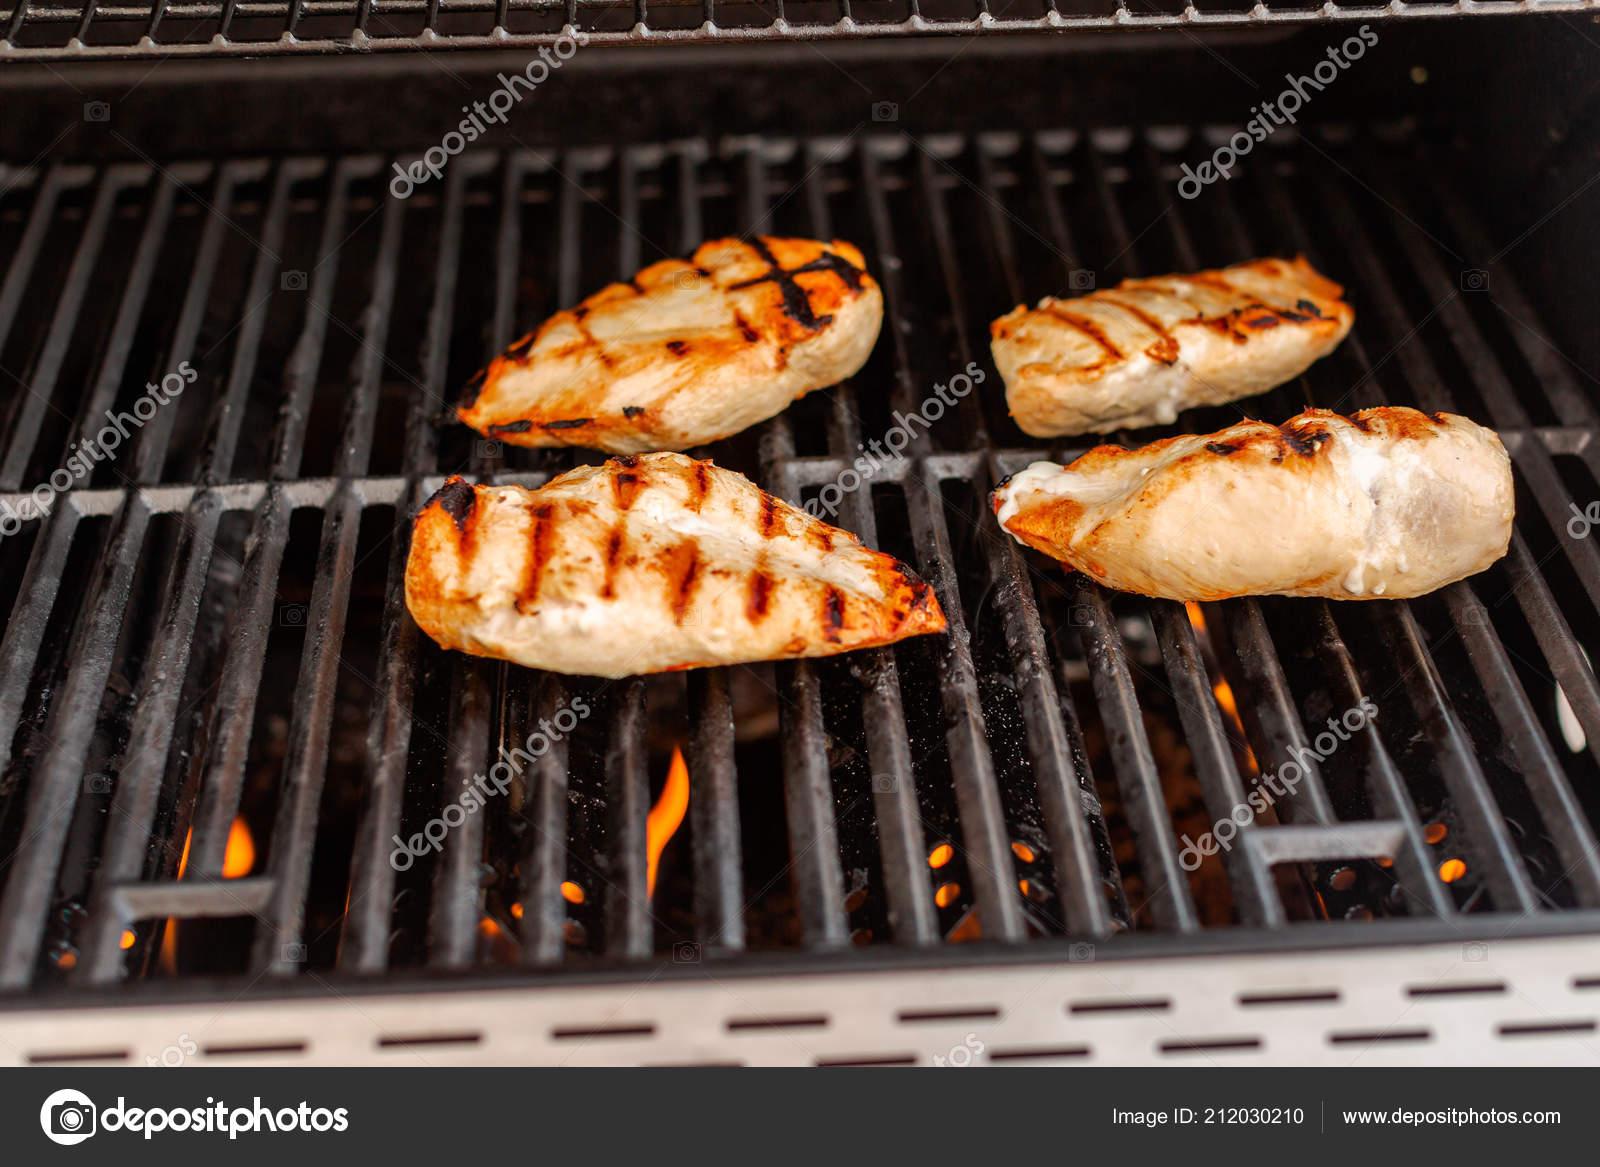 Chicken Gasgrill : Bio huhn auf outdoor gas grill grillen u2014 stockfoto © urban light